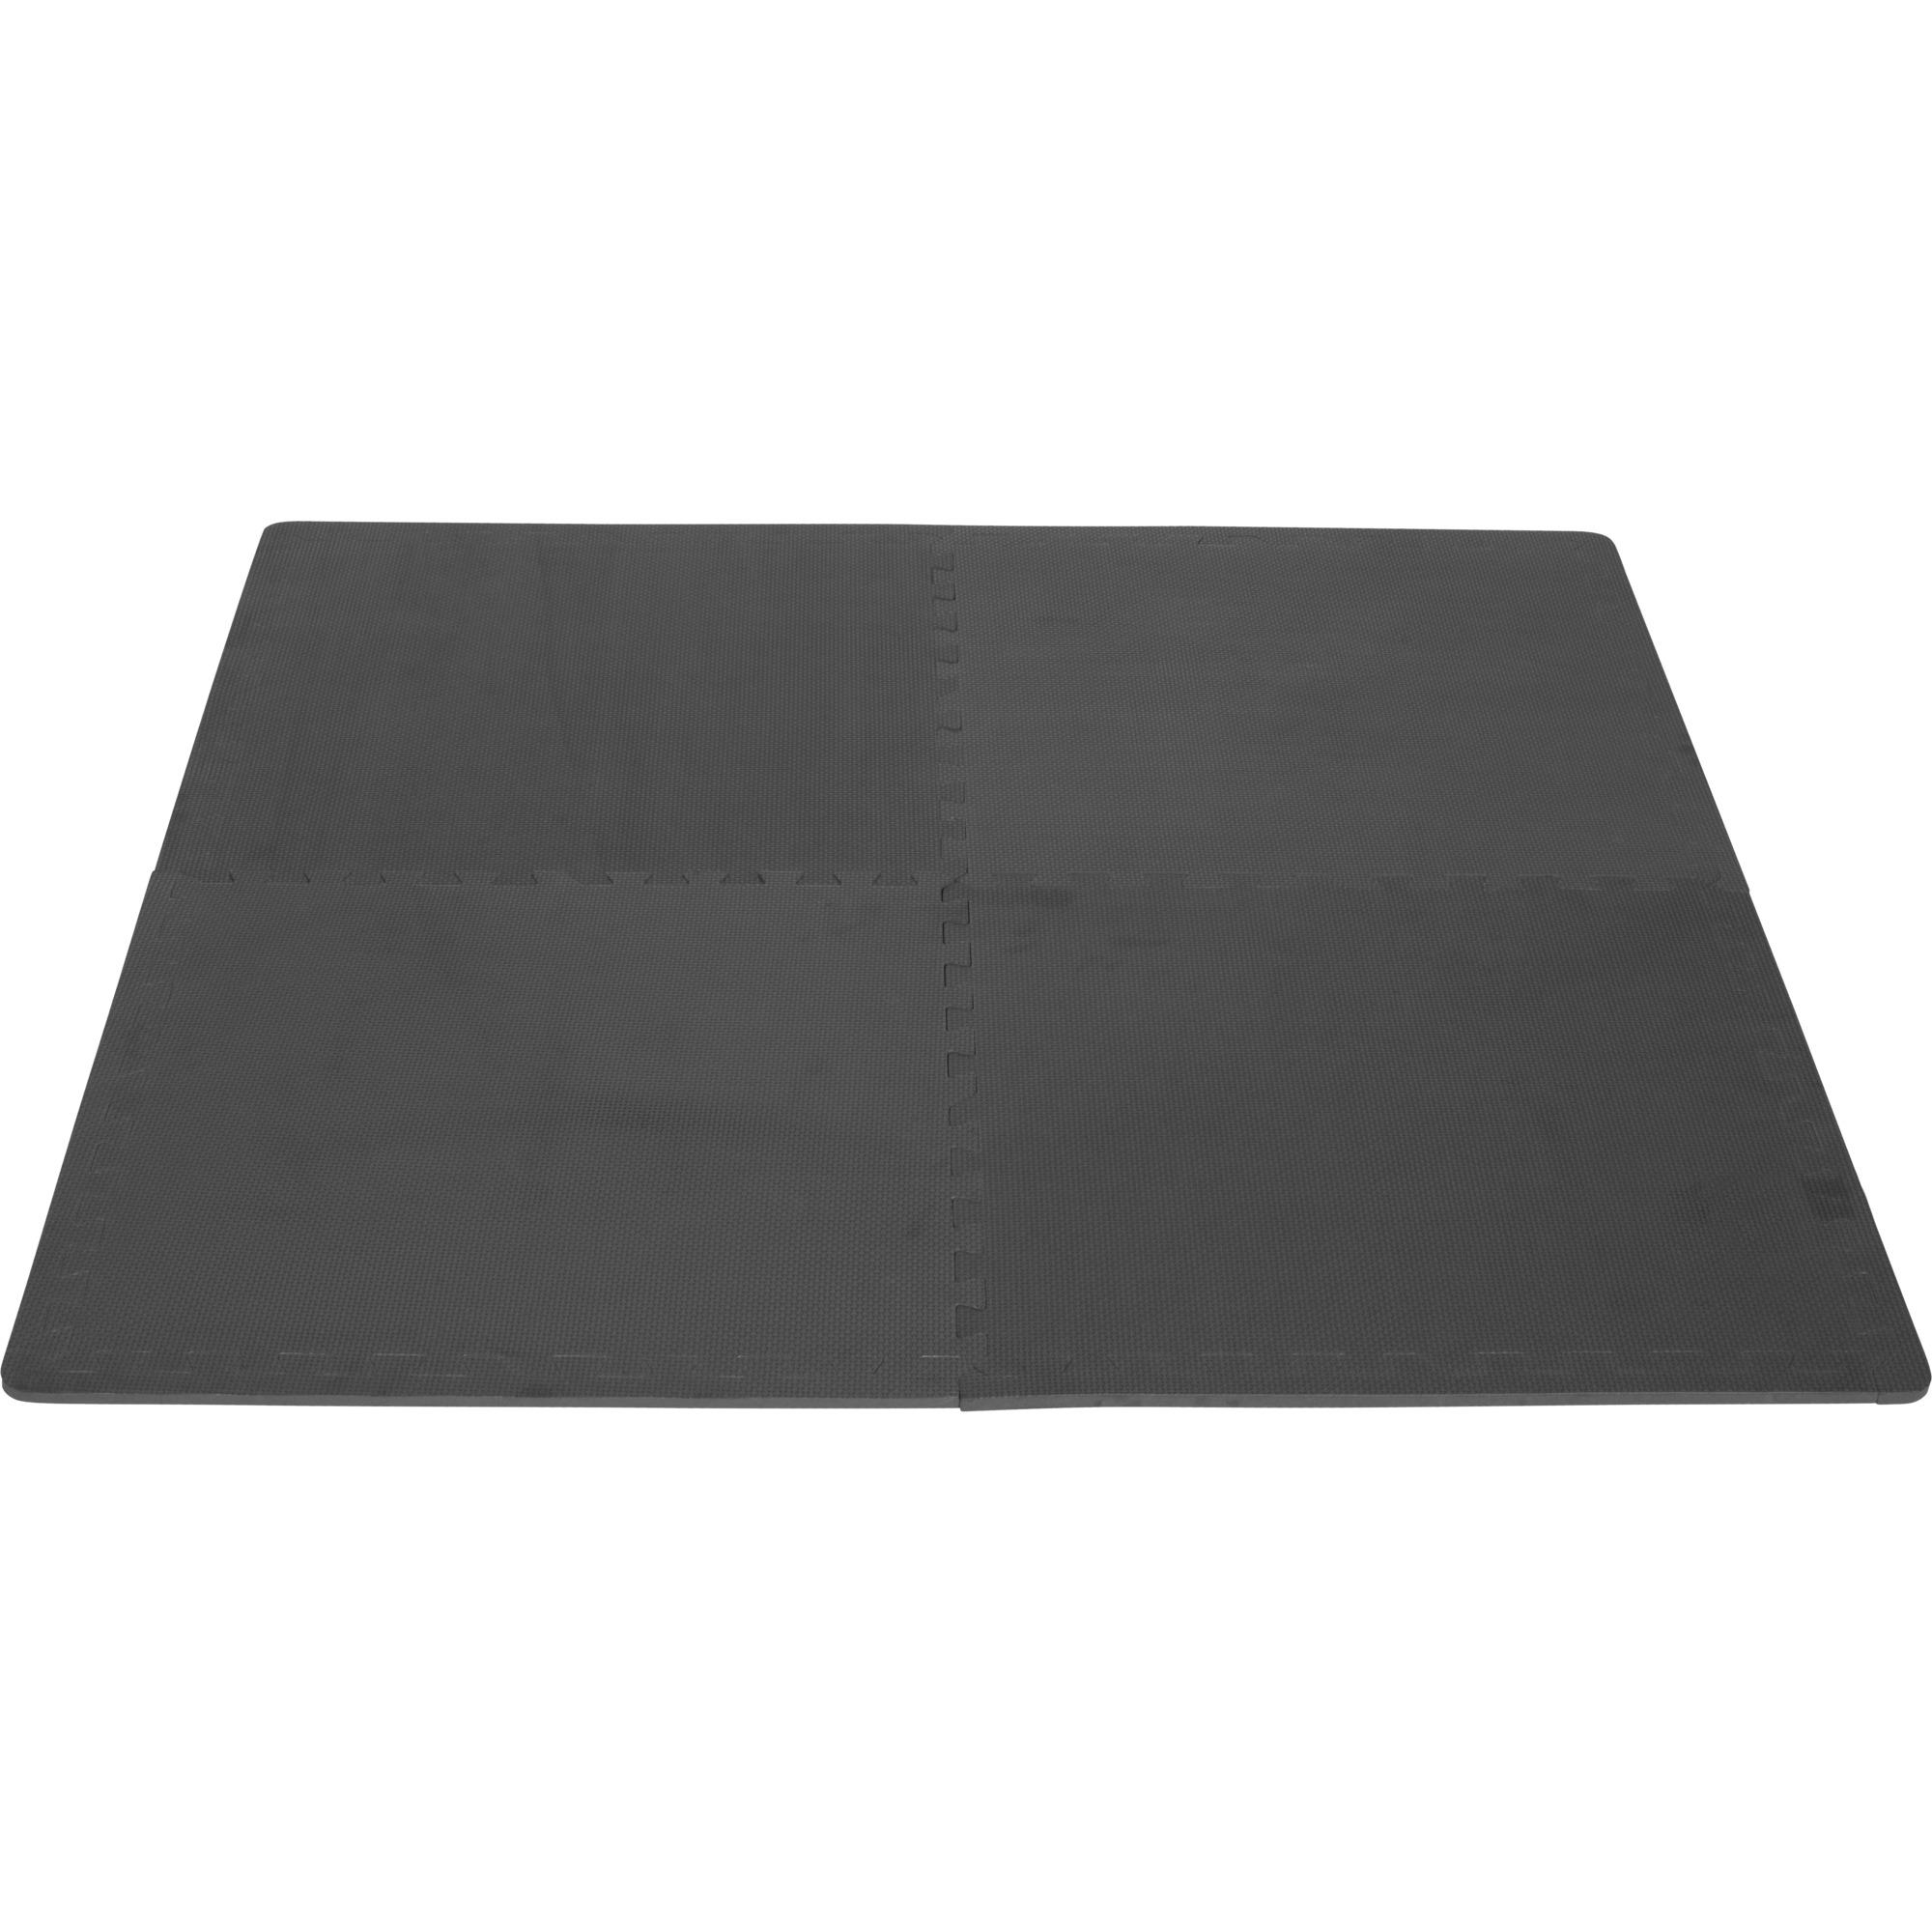 carrelage design tapis puzzle mousse moderne design. Black Bedroom Furniture Sets. Home Design Ideas